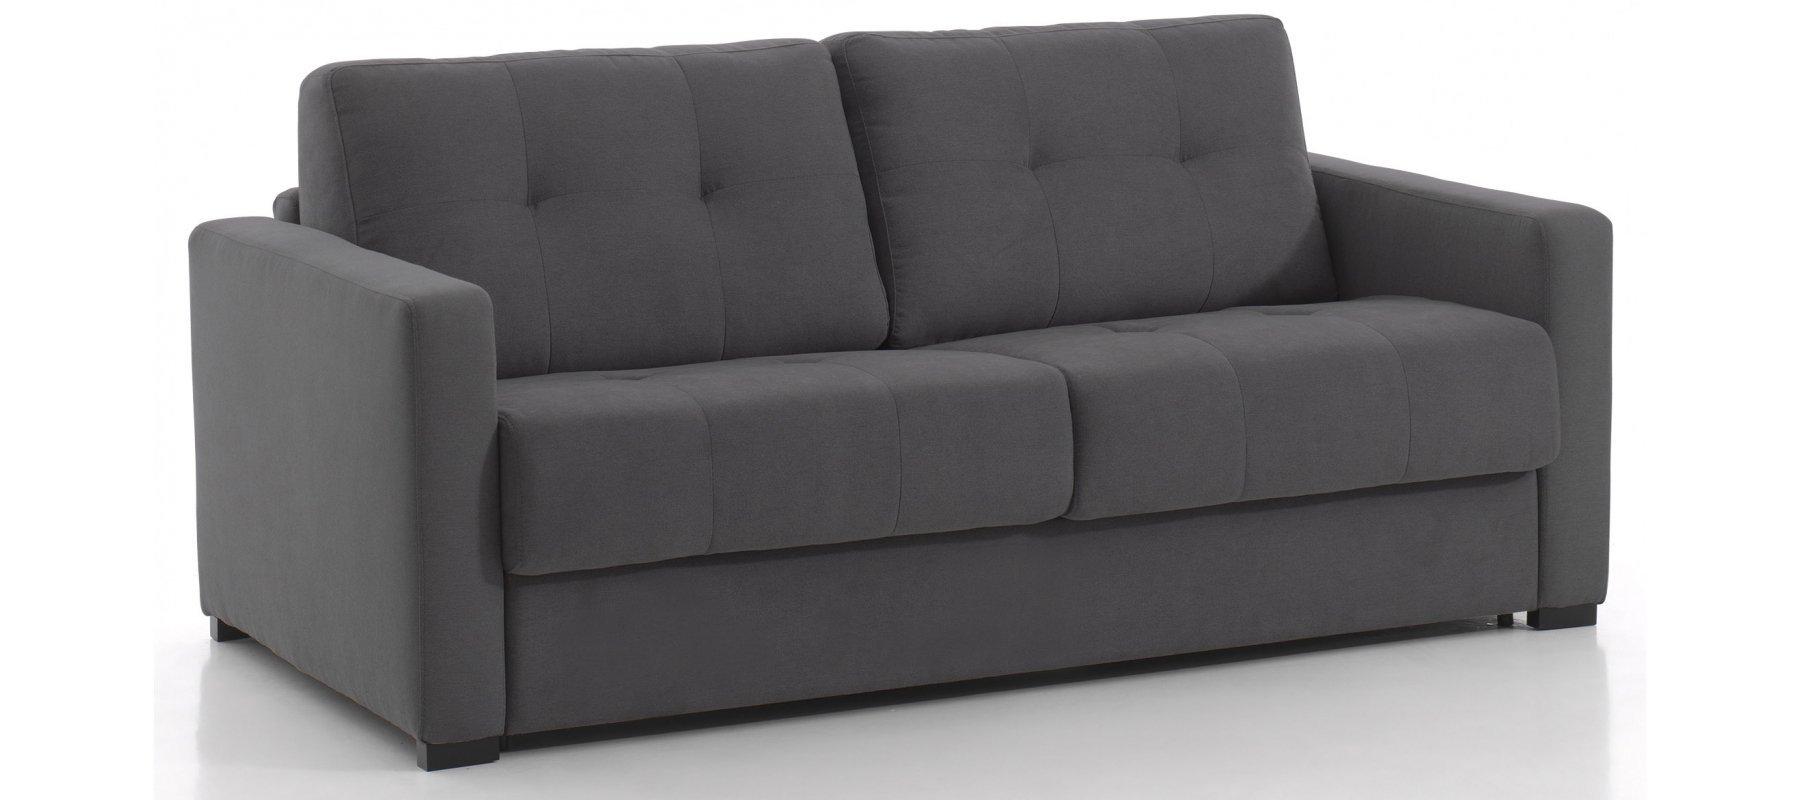 canap lit rapido baron 999 avec couchage 140 cm en stock. Black Bedroom Furniture Sets. Home Design Ideas